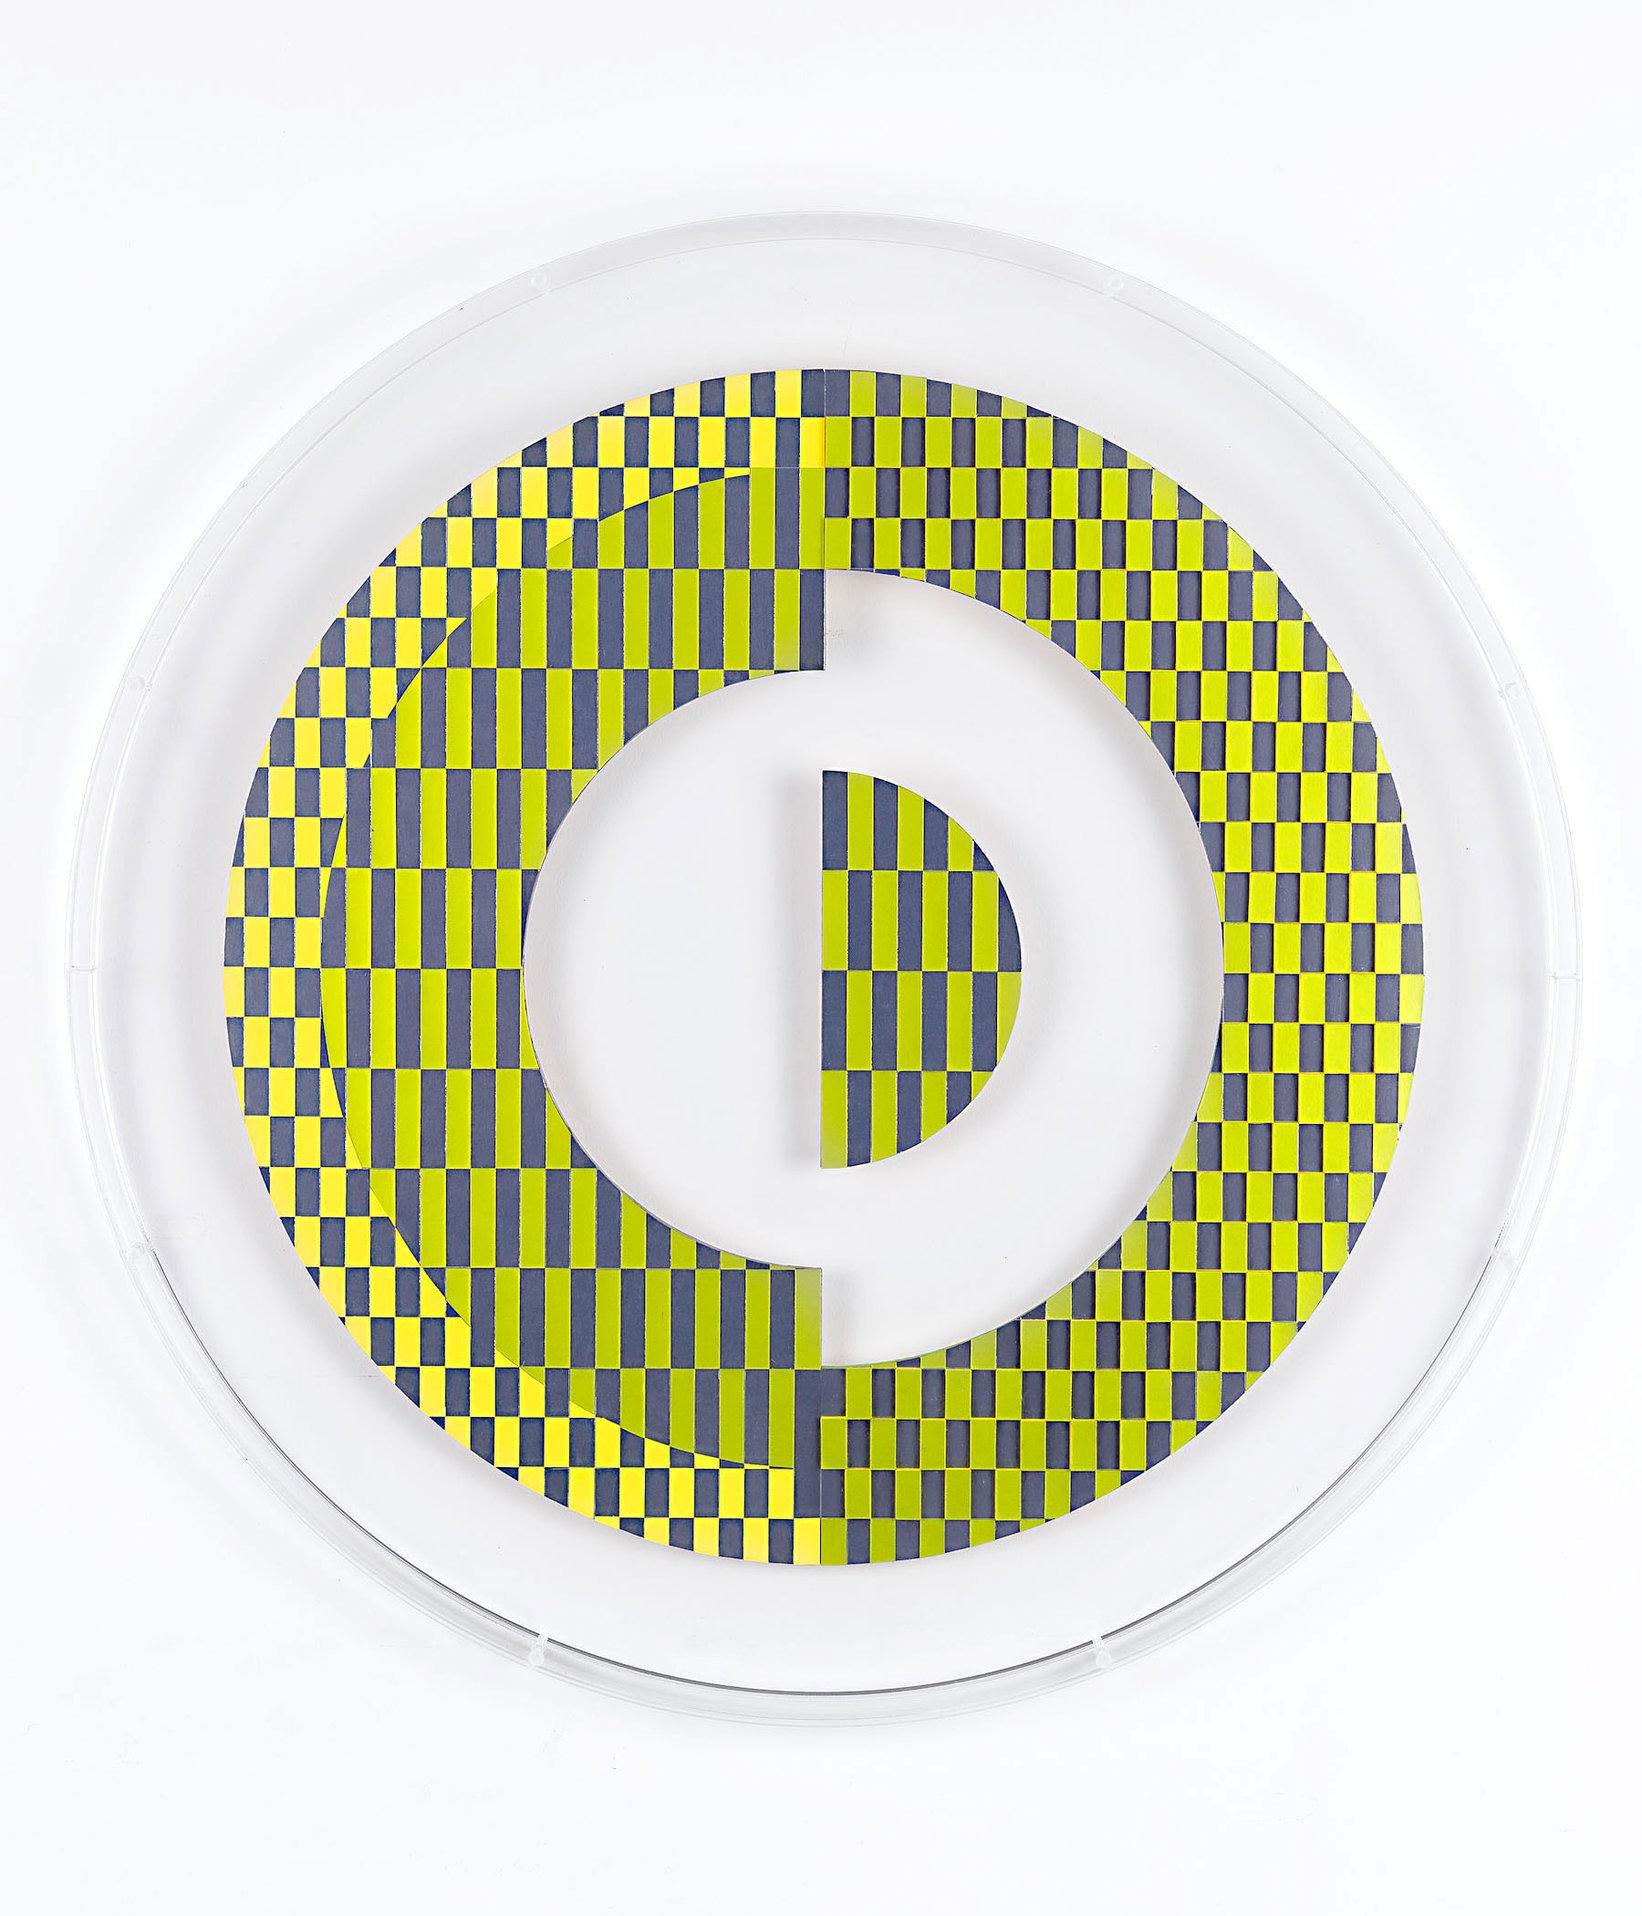 Francoise LUCIANI Cercle-vertjaune-3.-D60cm.jpg